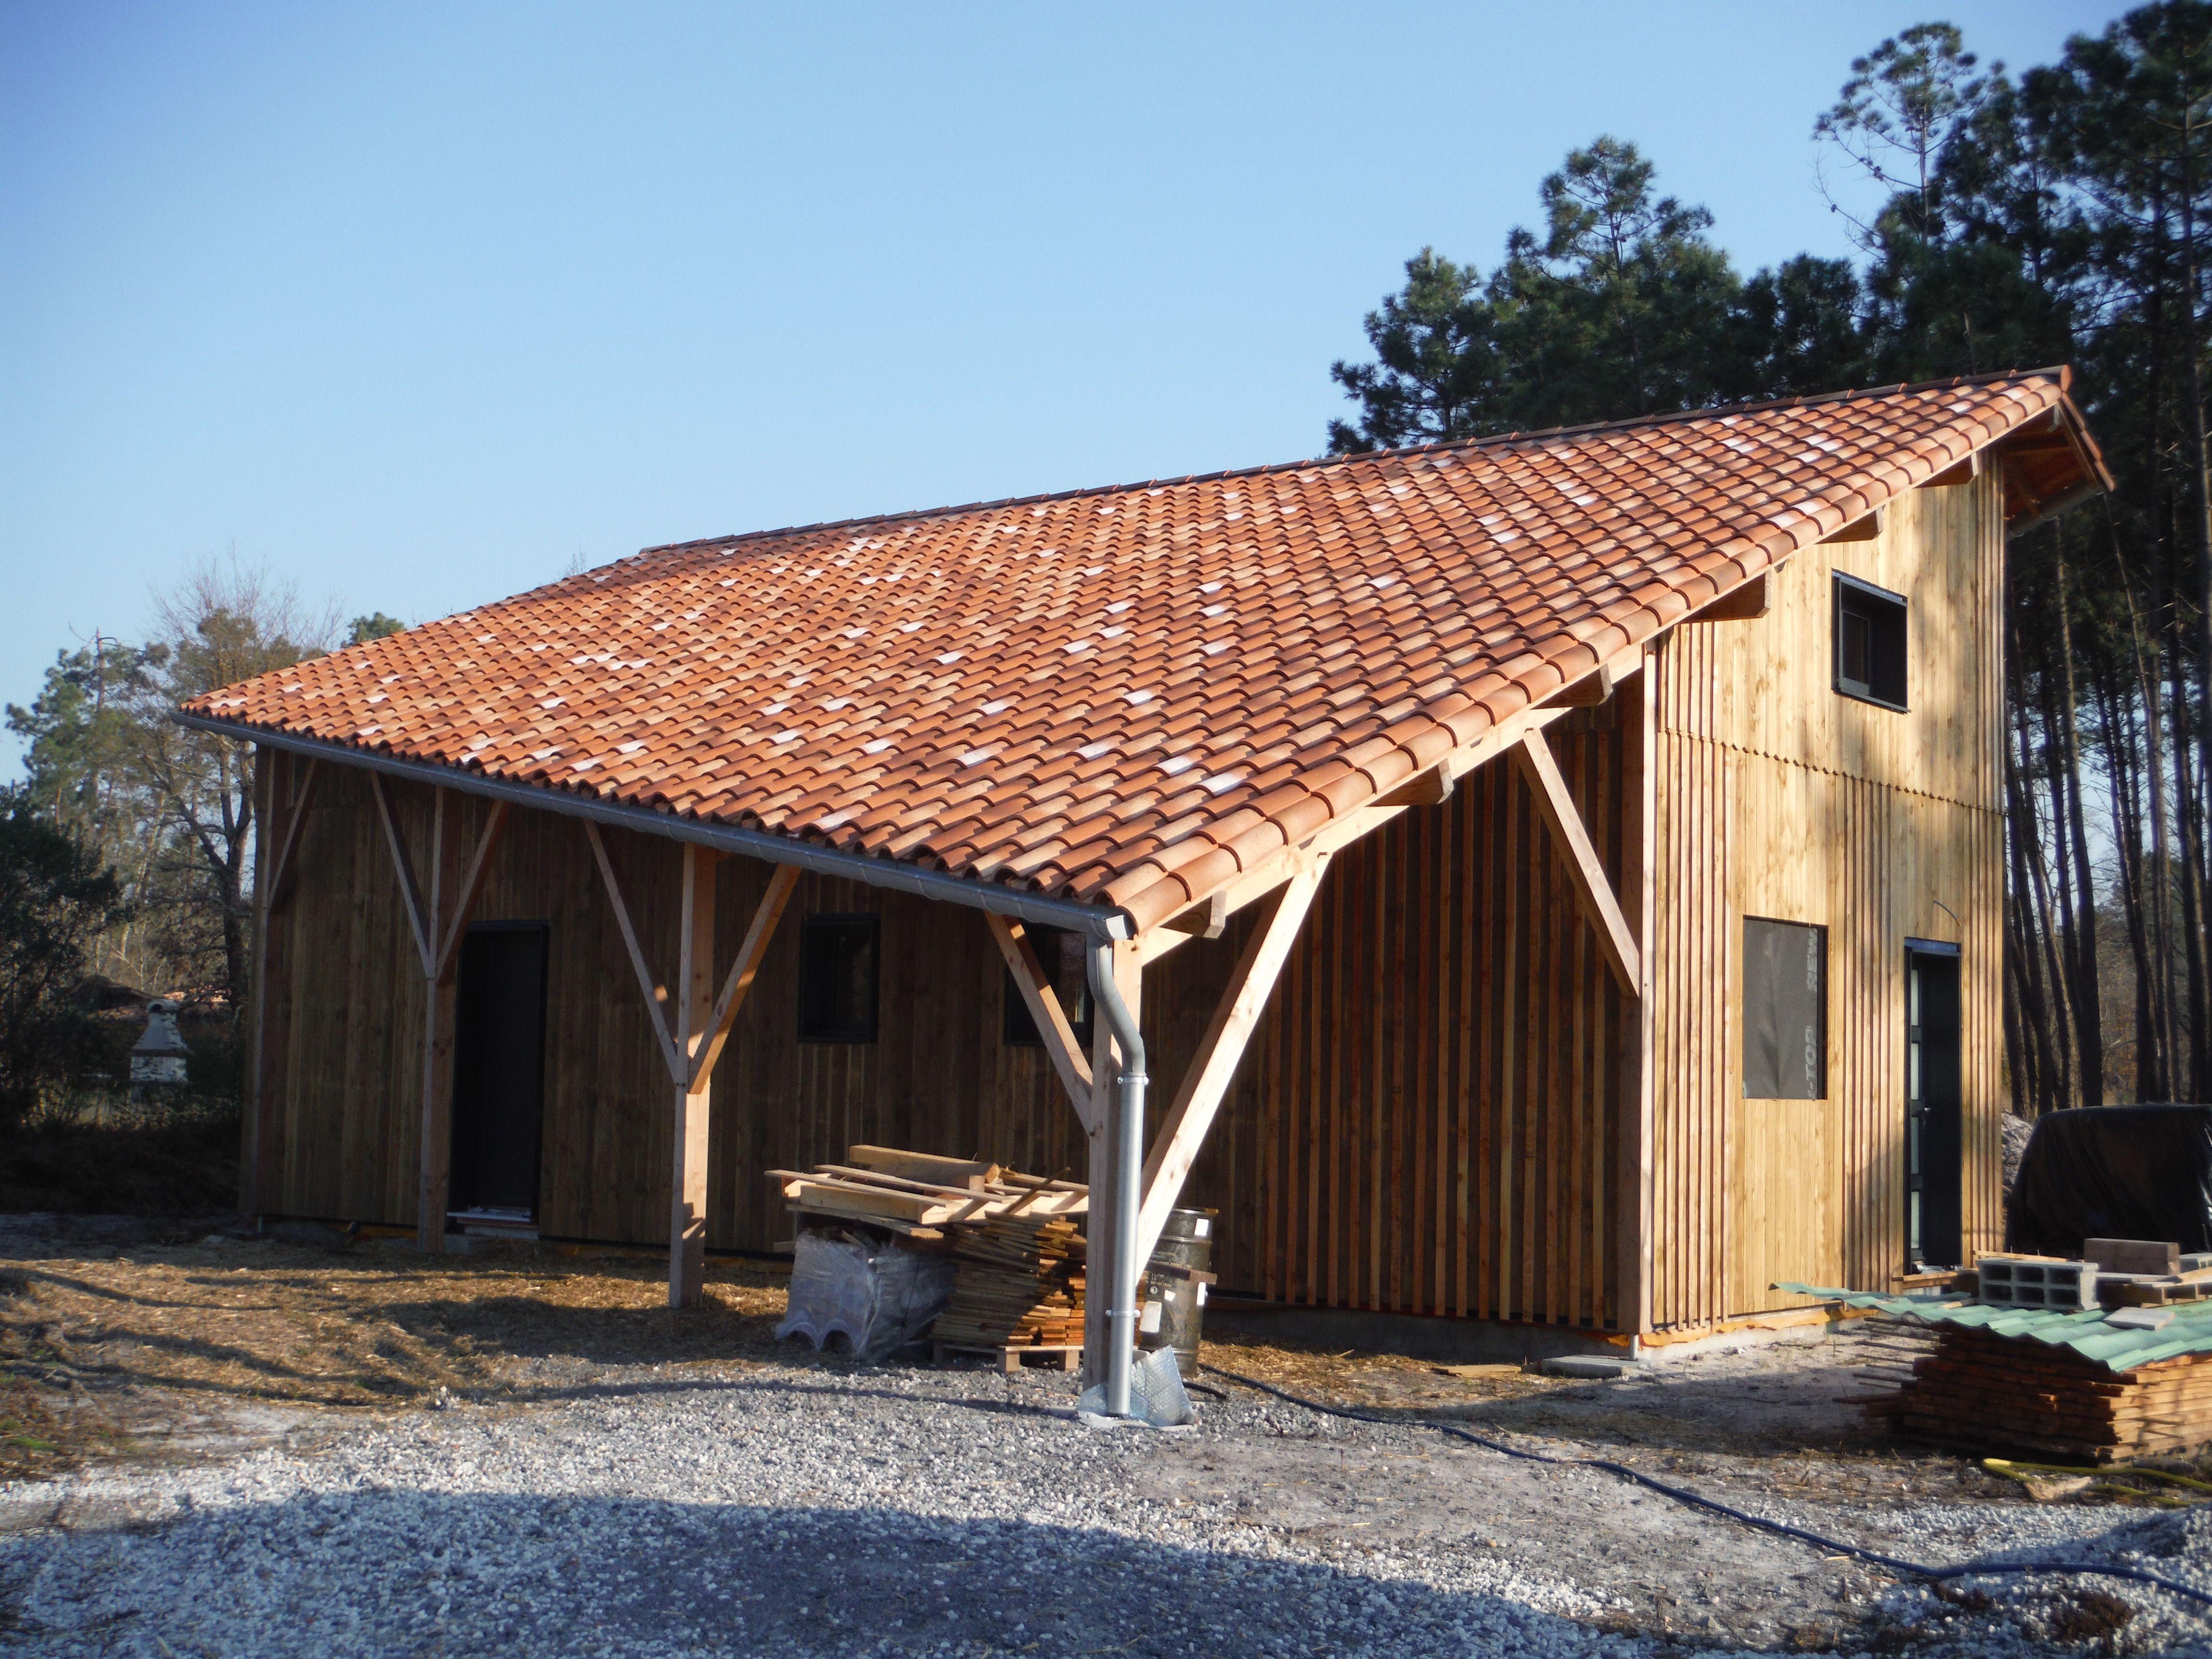 Maison isolation en paille sur Sanguinet dans les landes, en technique caisson ossature bois. www.boisetpaille.com charpente Eddy FRUCHARD